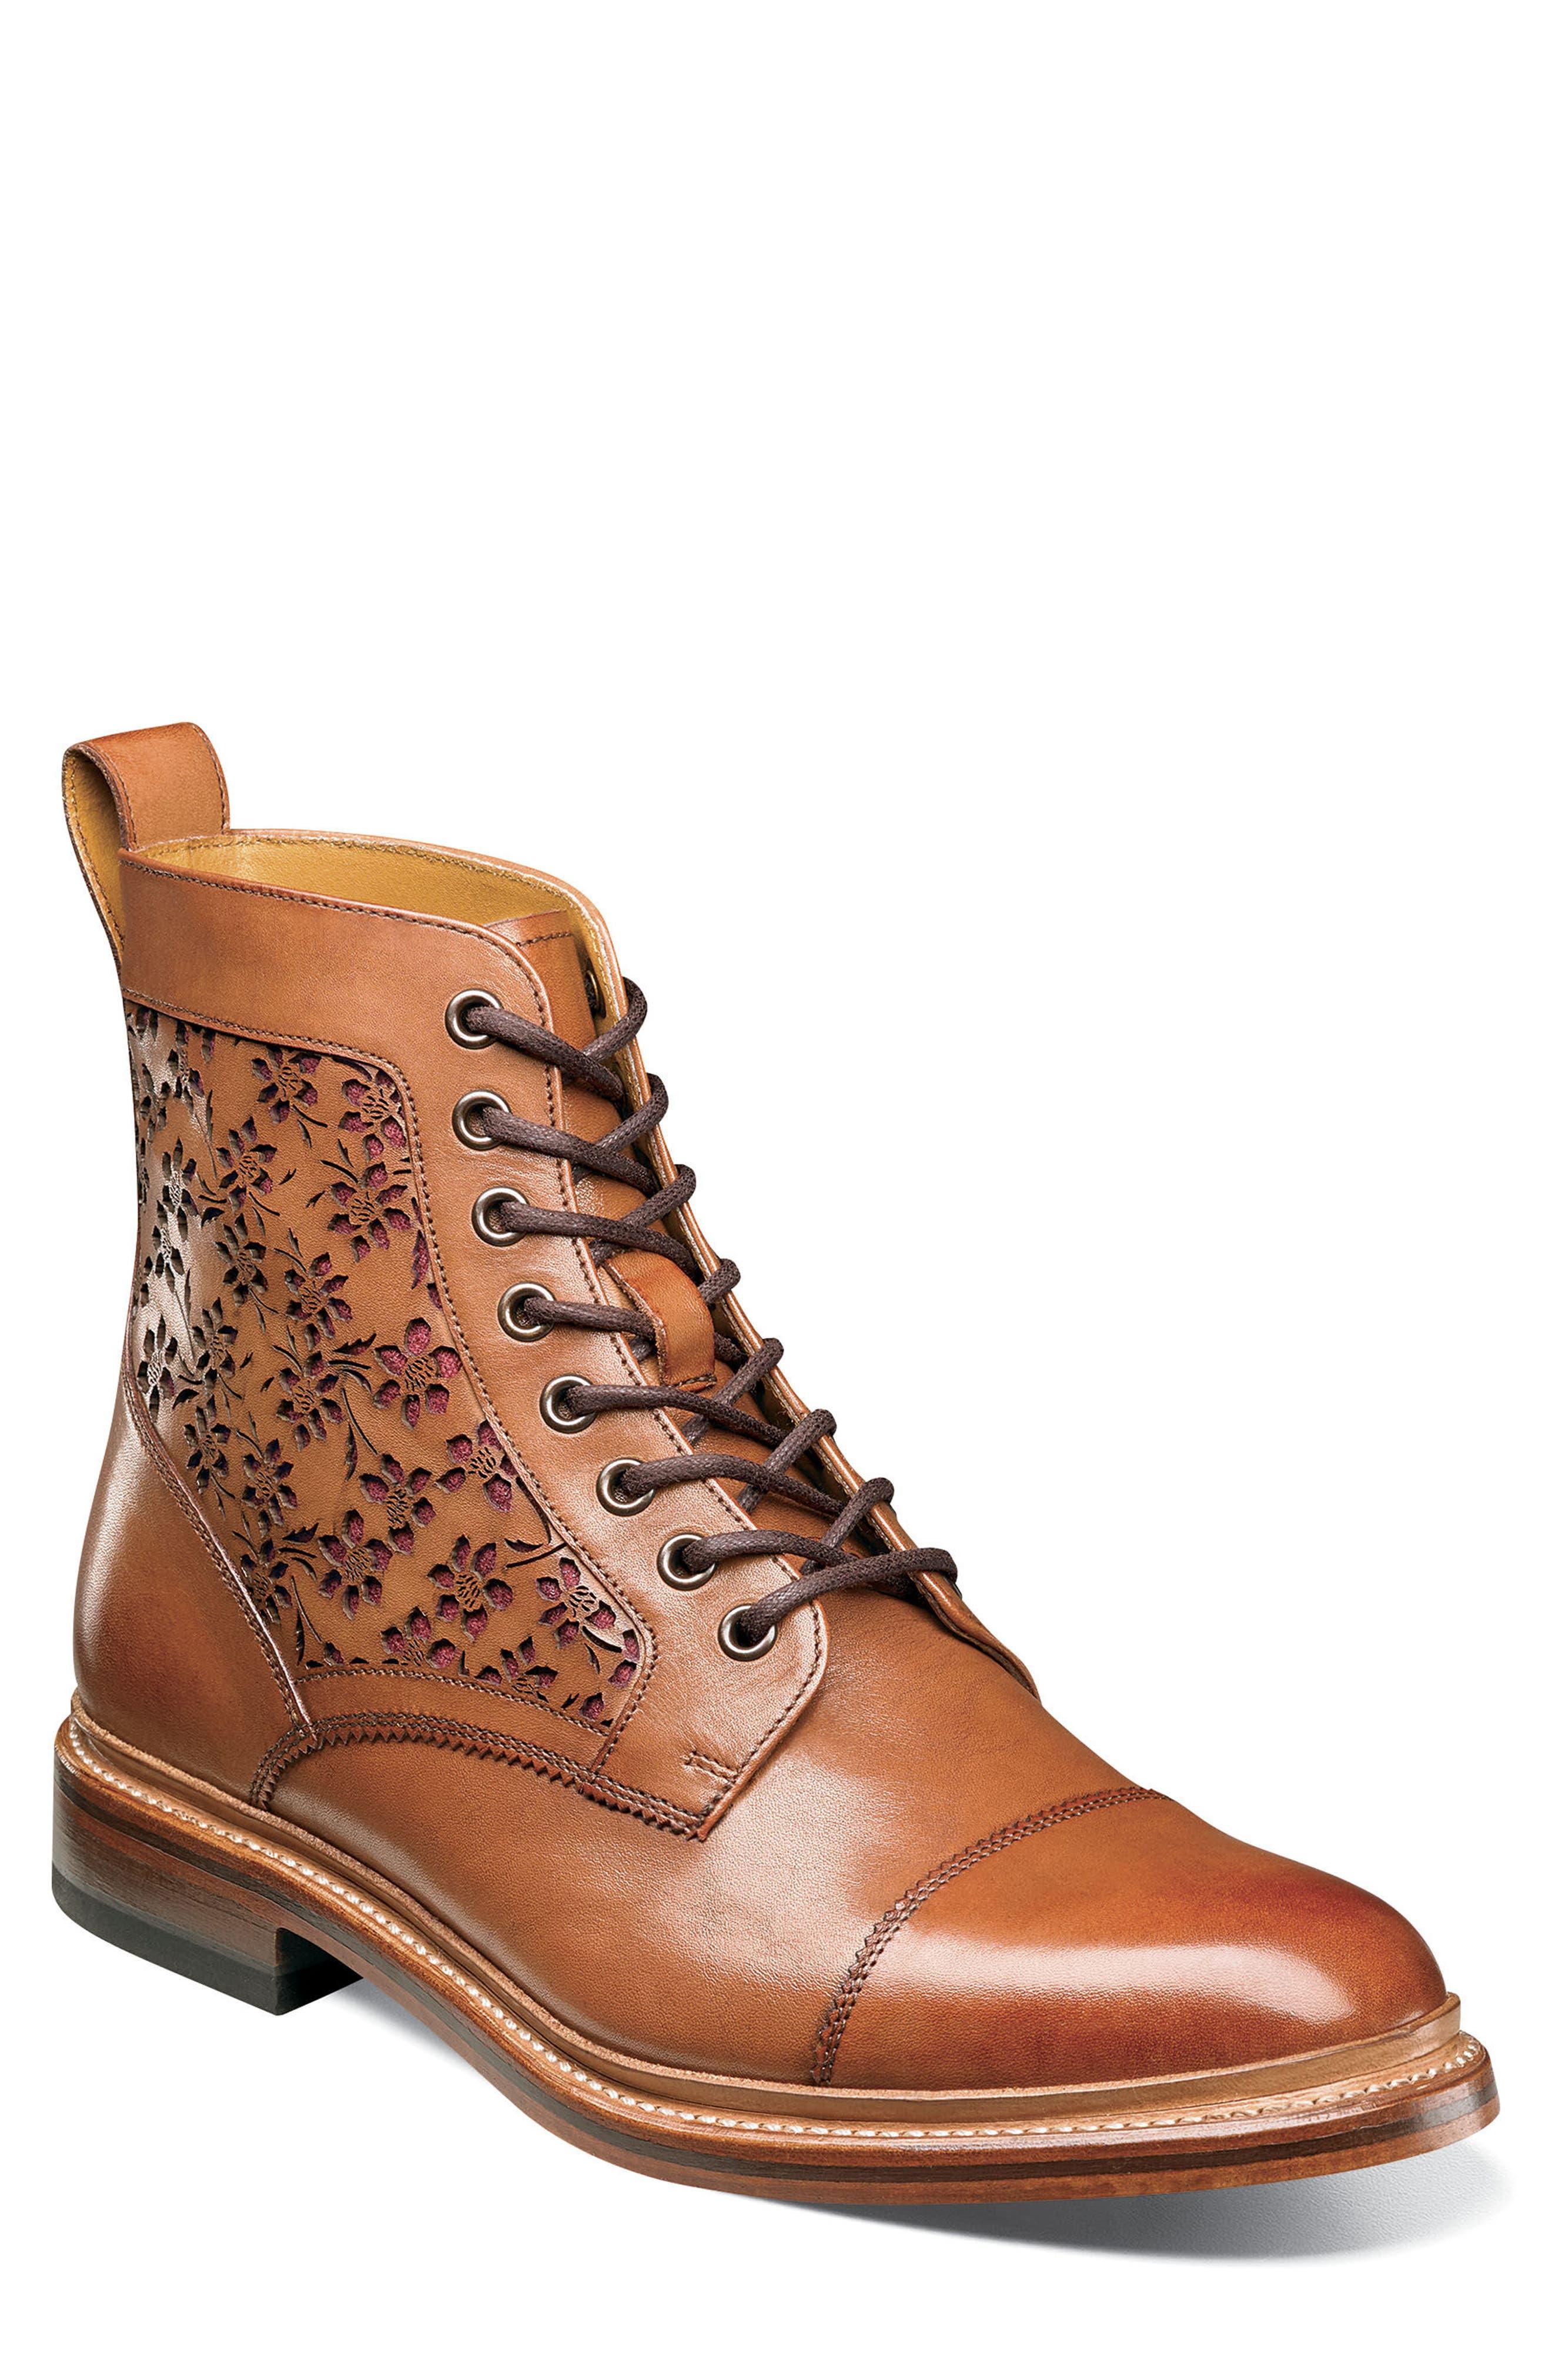 M2 Laser Cut Boot,                         Main,                         color, Cognac Leather